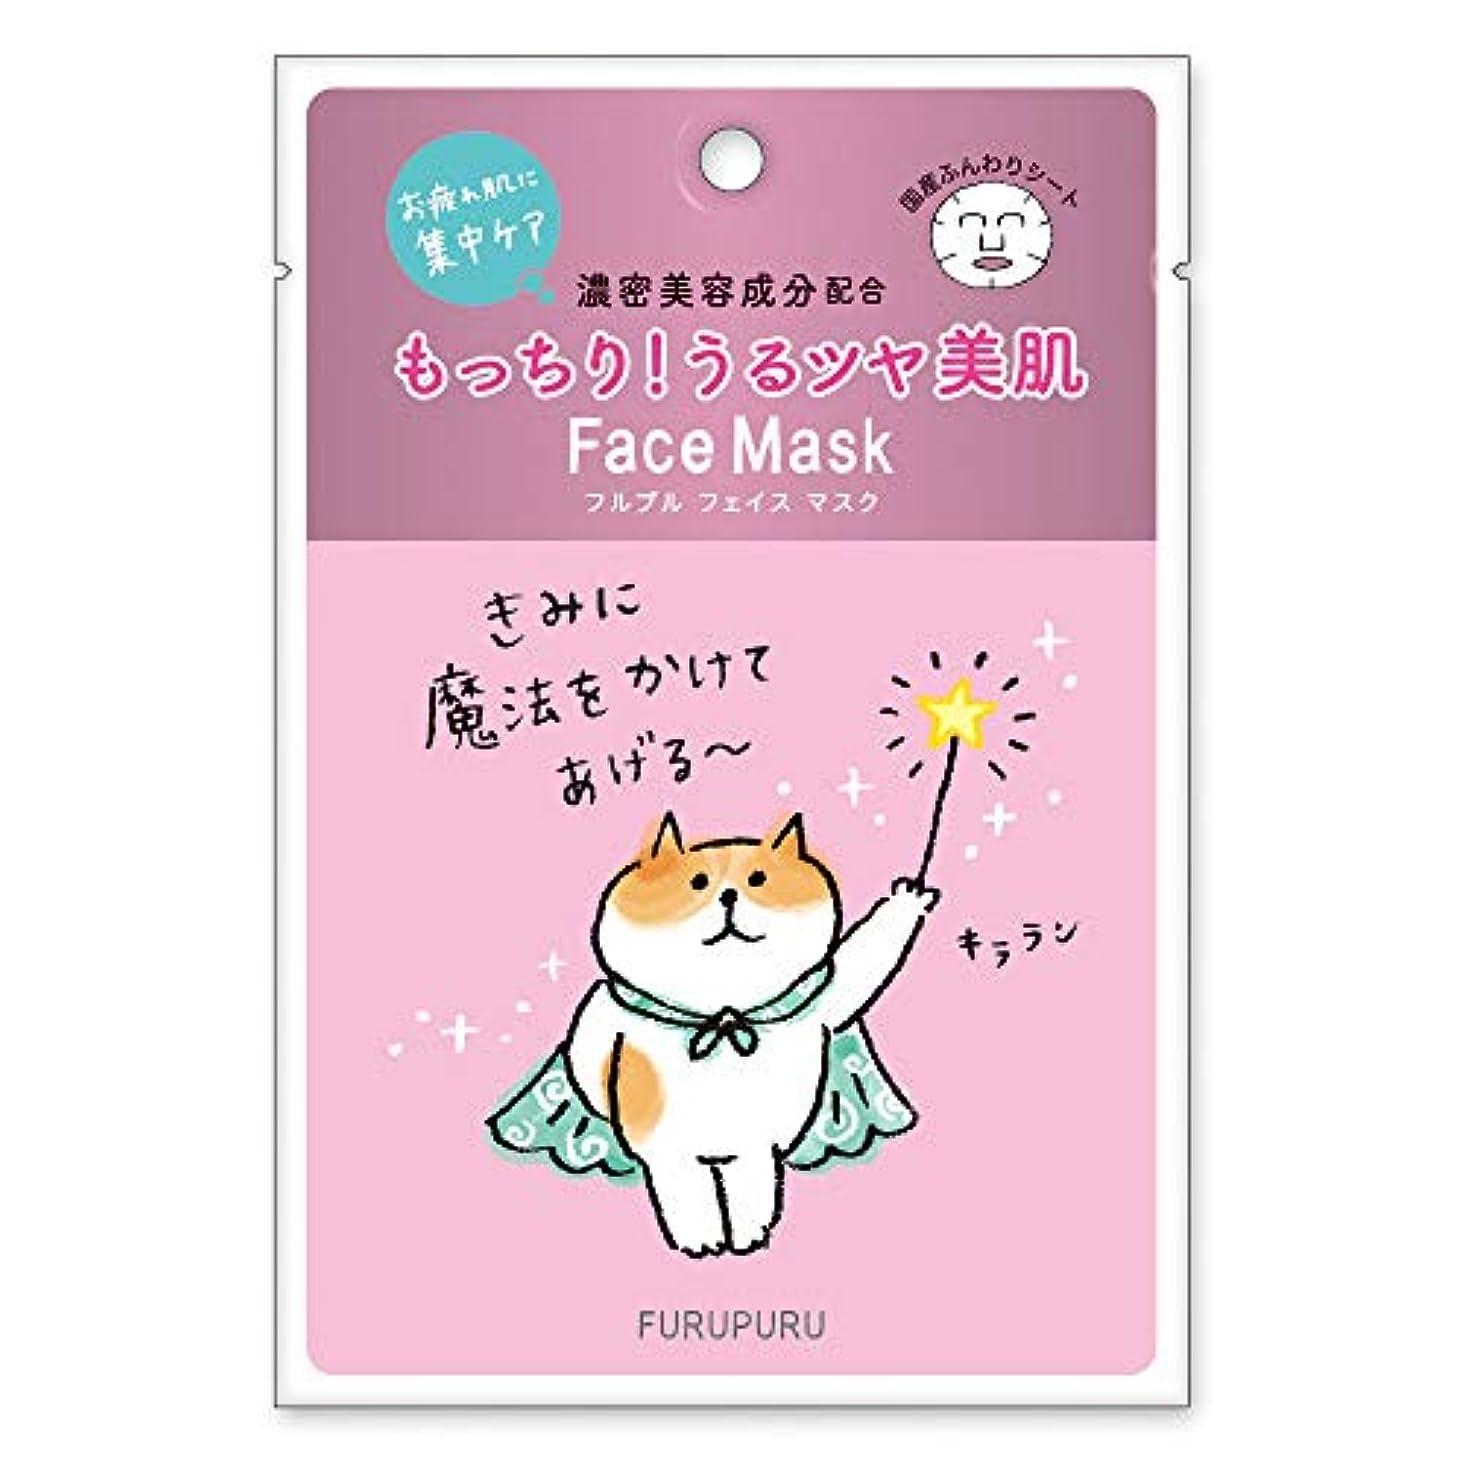 属性官僚挨拶フルプルフェイスマスク ごろごろにゃんすけ 魔法 やさしく香る天然ローズの香り 30g